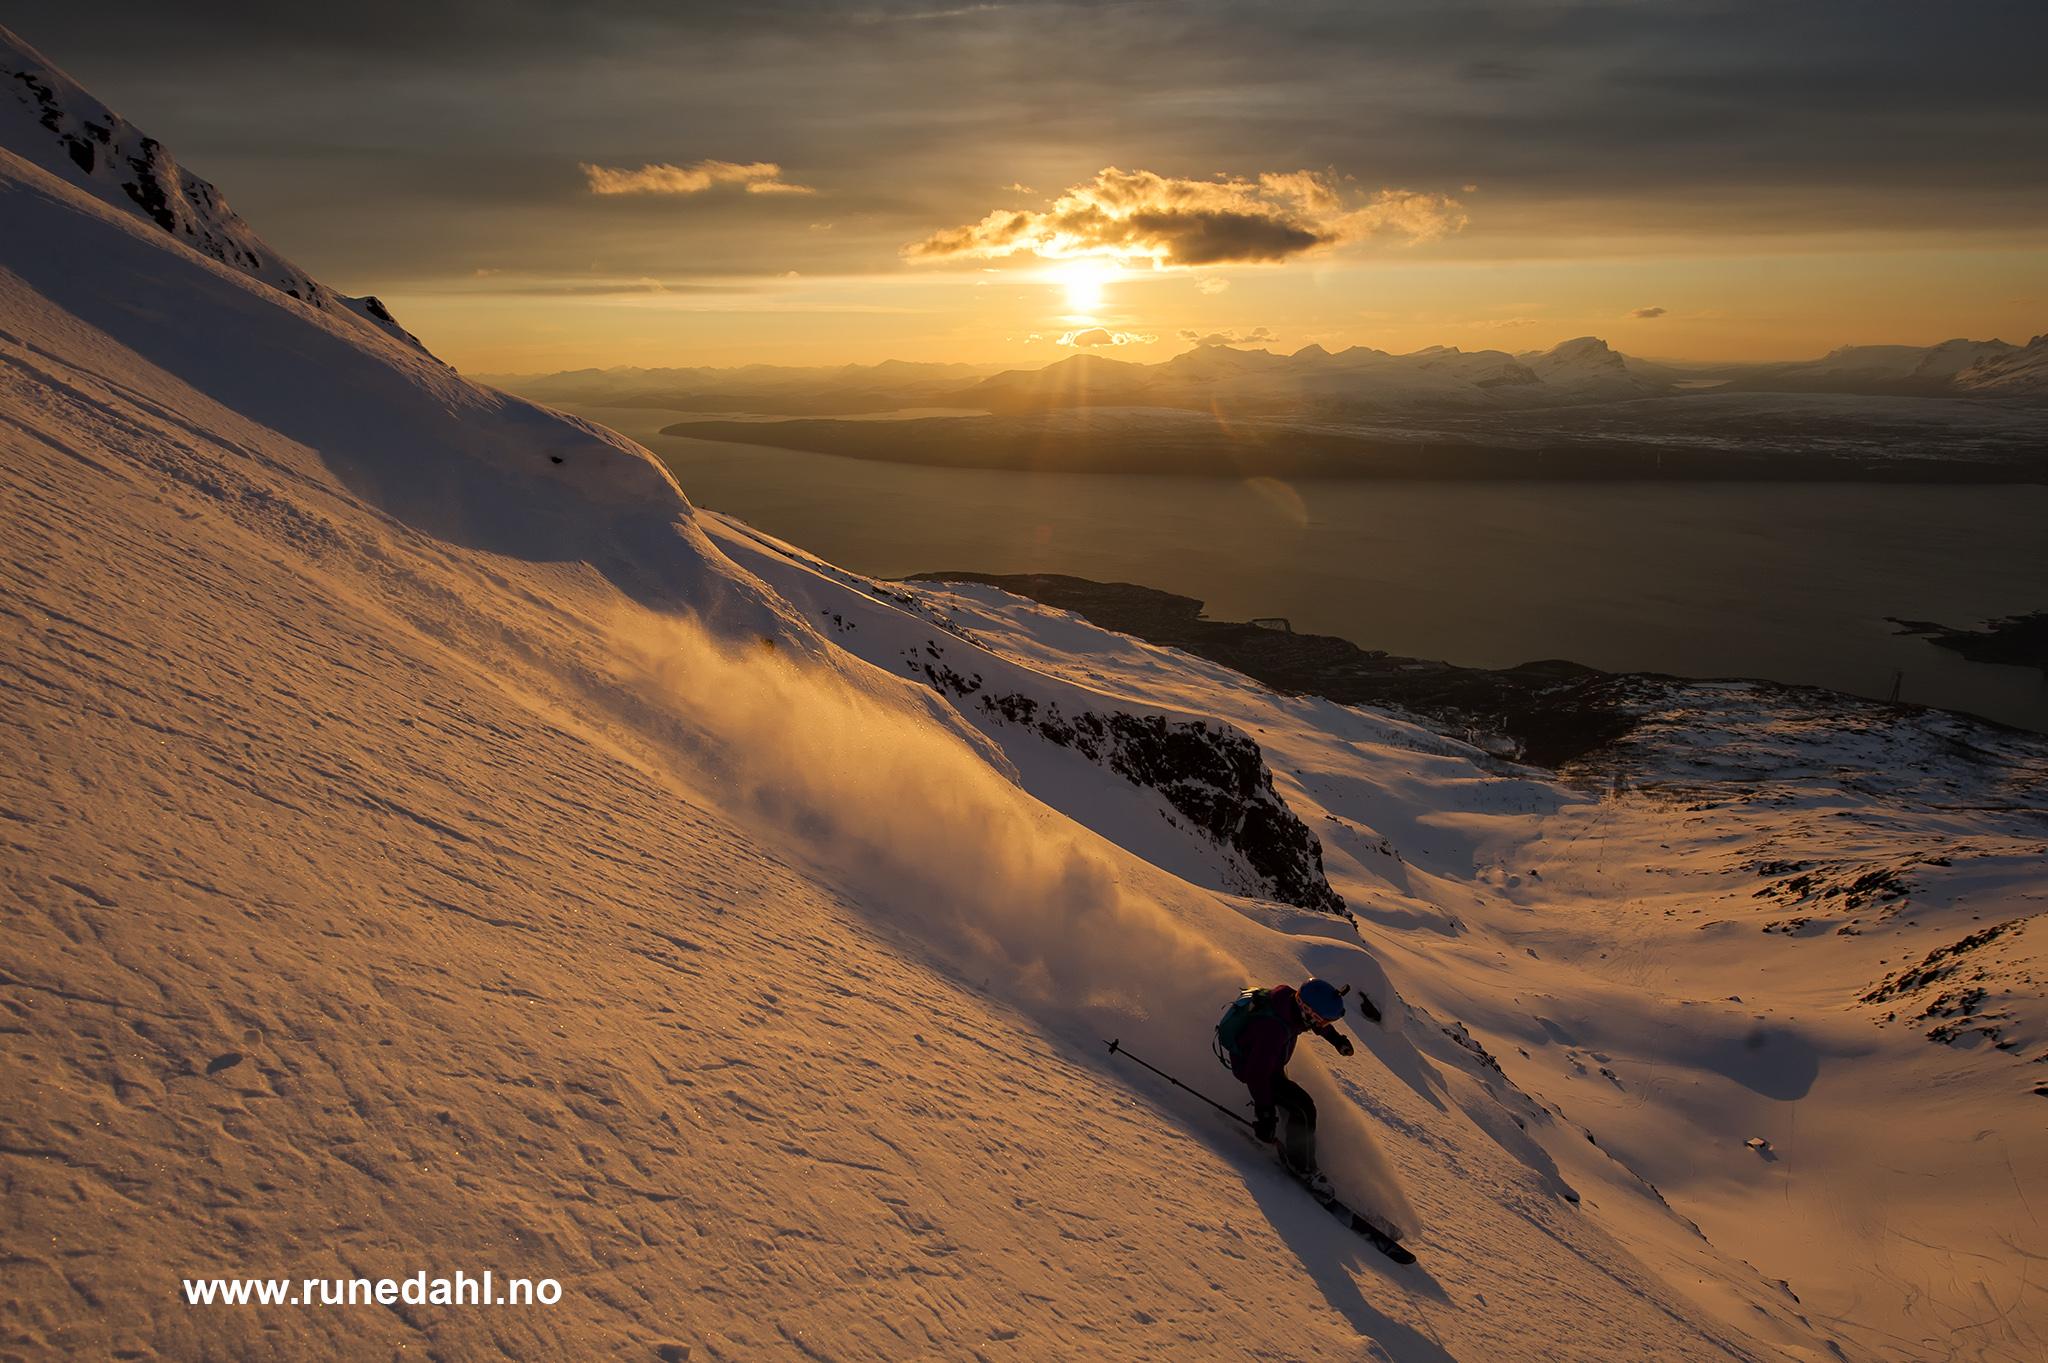 Sondre Dahl (12) kjører ned Tredjeholla i et fantastisk kveldslys. Foto: Rune Dahl